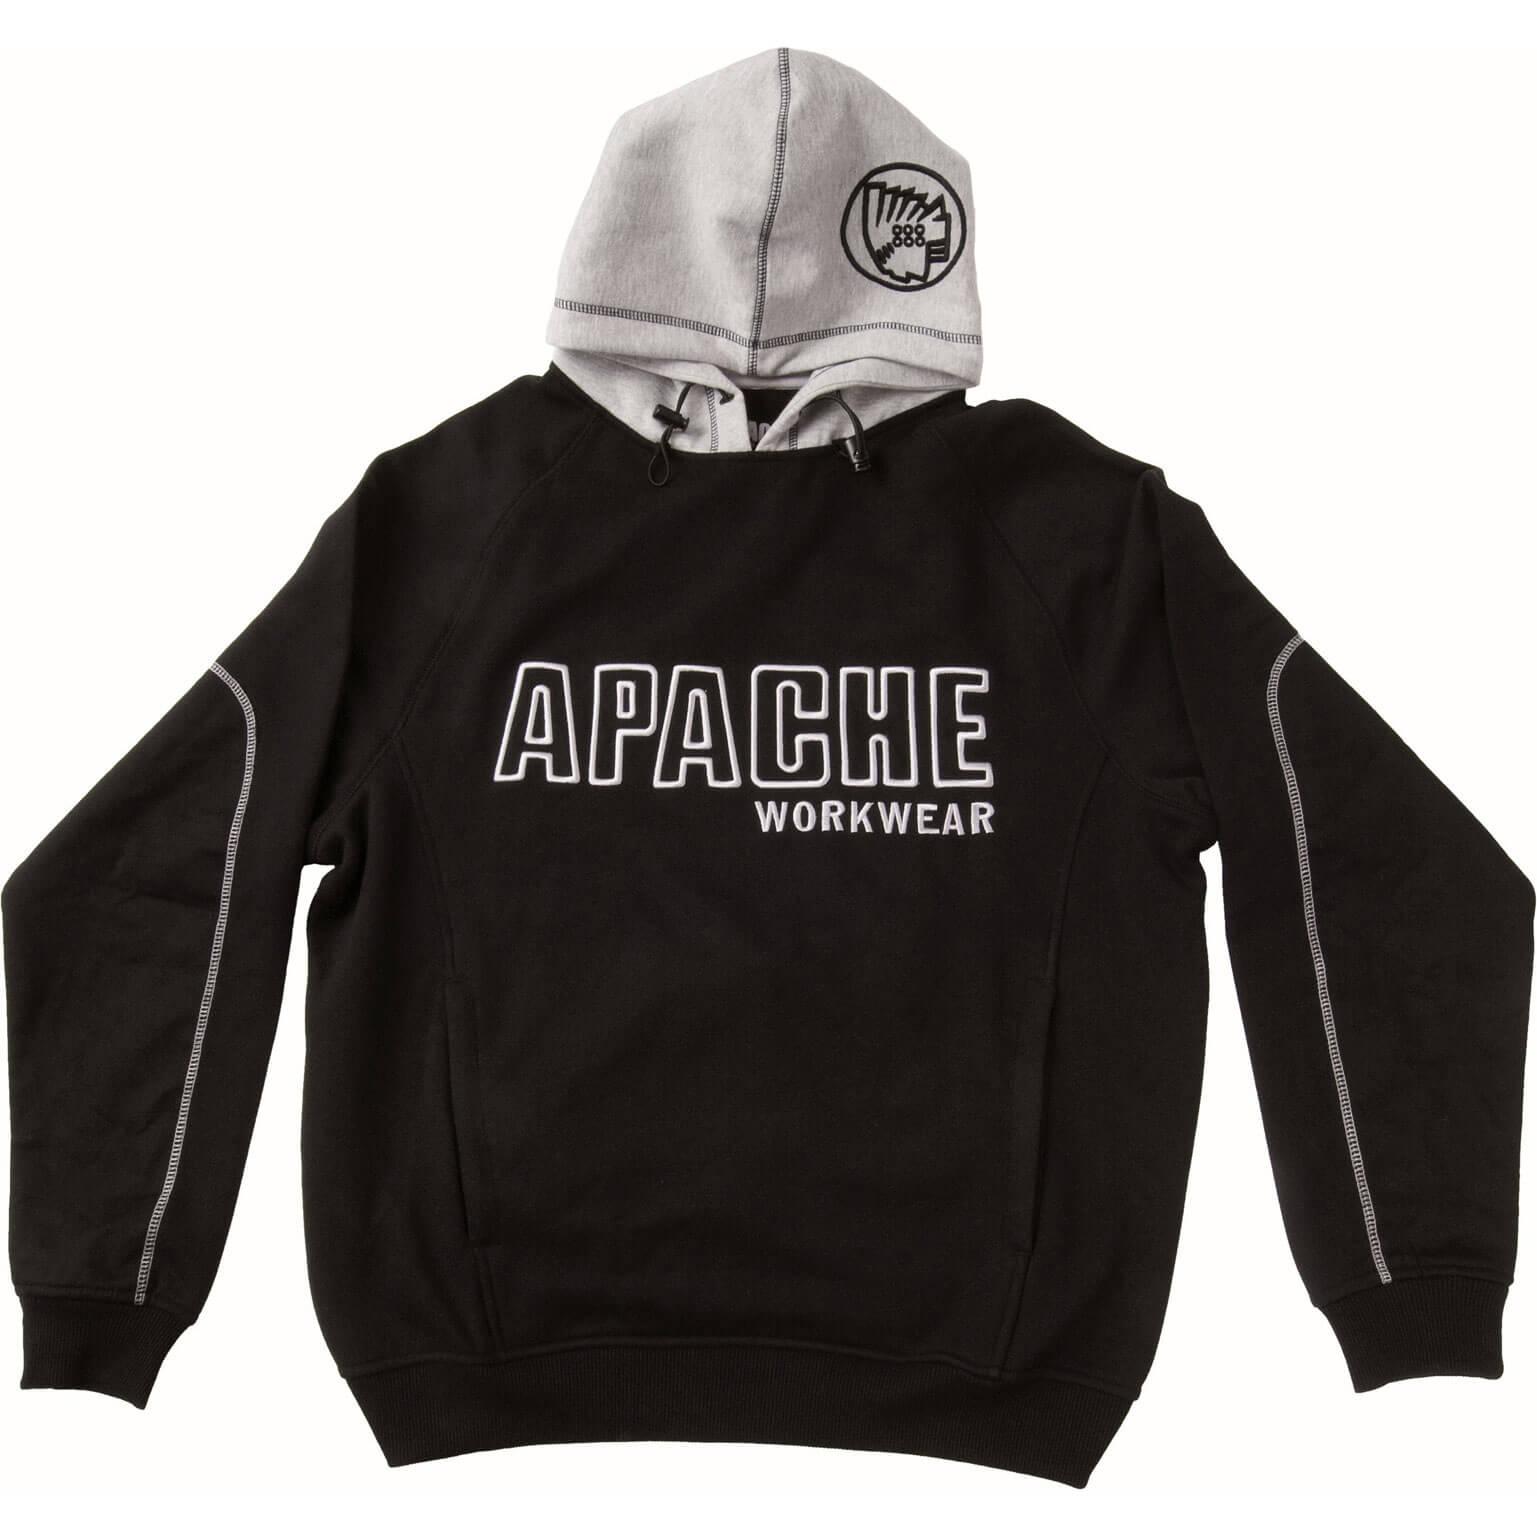 Image of Apache Mens Work Hoodie Black / Grey L